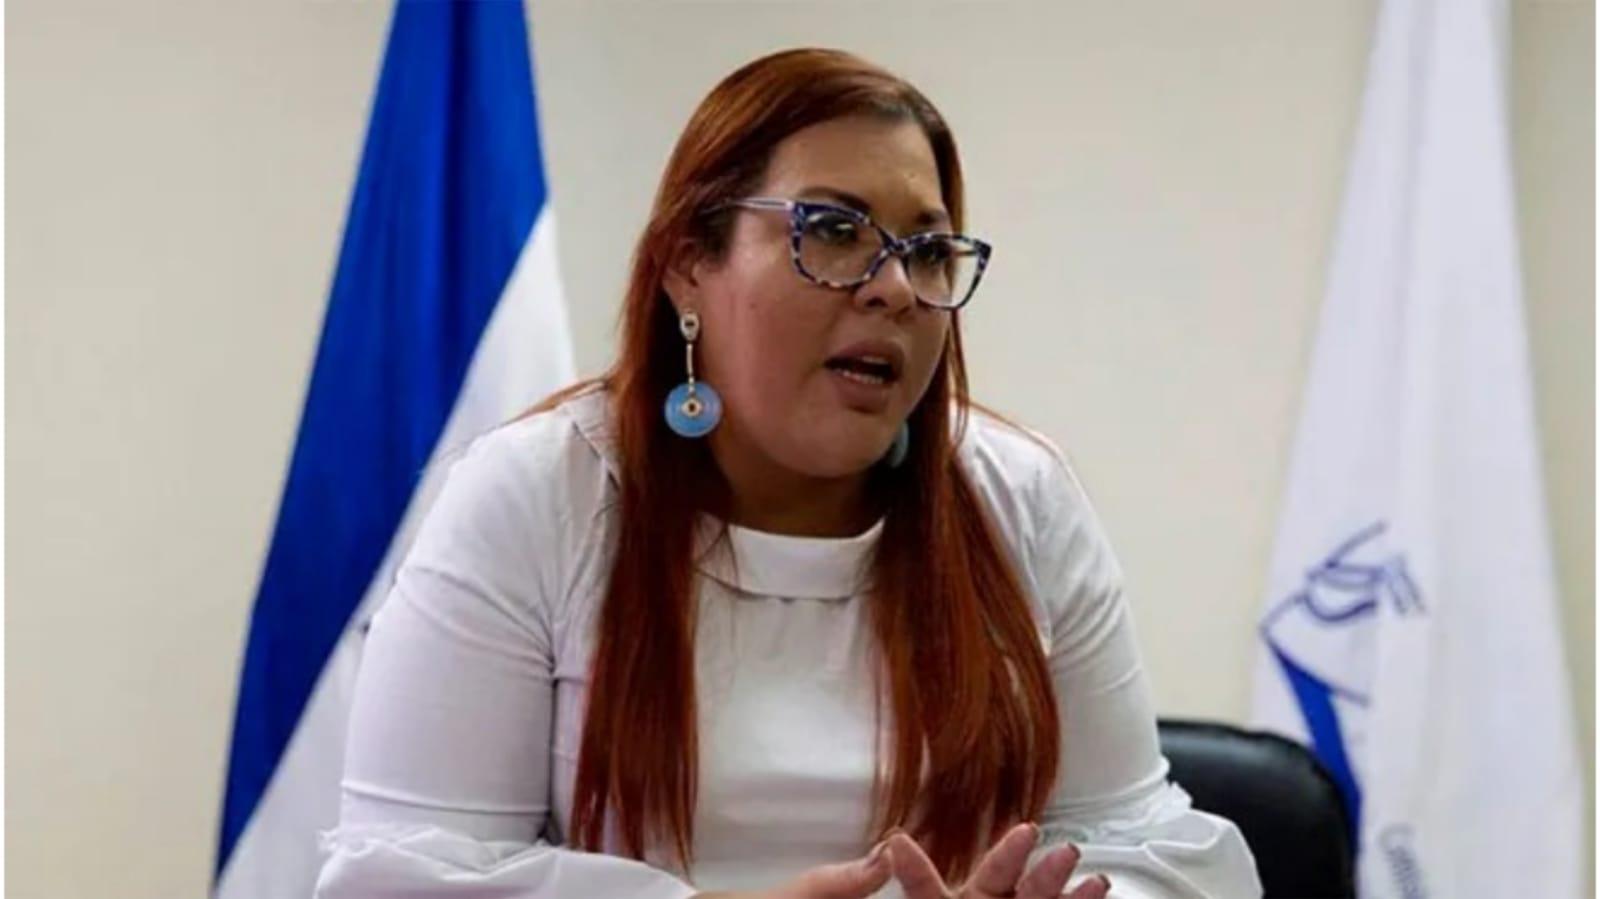 Blanca Izaguirre, titular del Comisionado Nacional de Derechos Humanos (CONADEH).